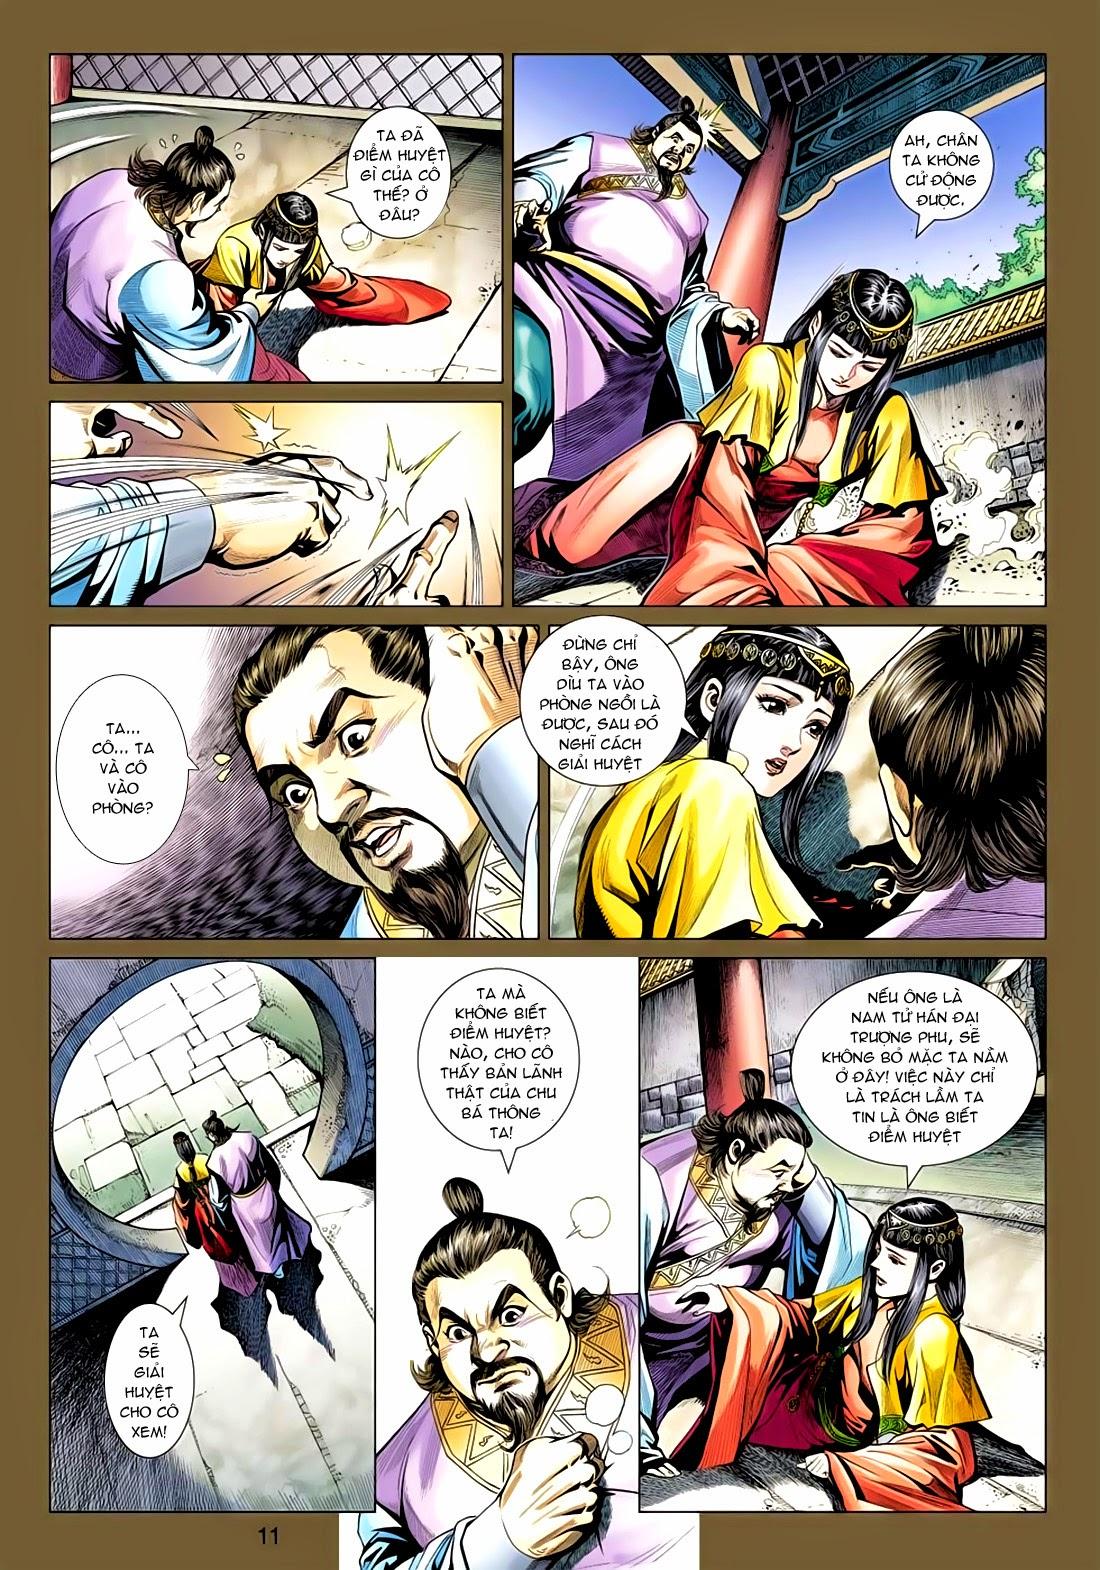 Anh Hùng Xạ Điêu anh hùng xạ đêu chap 77: thế thượng tối cường võ công trang 11